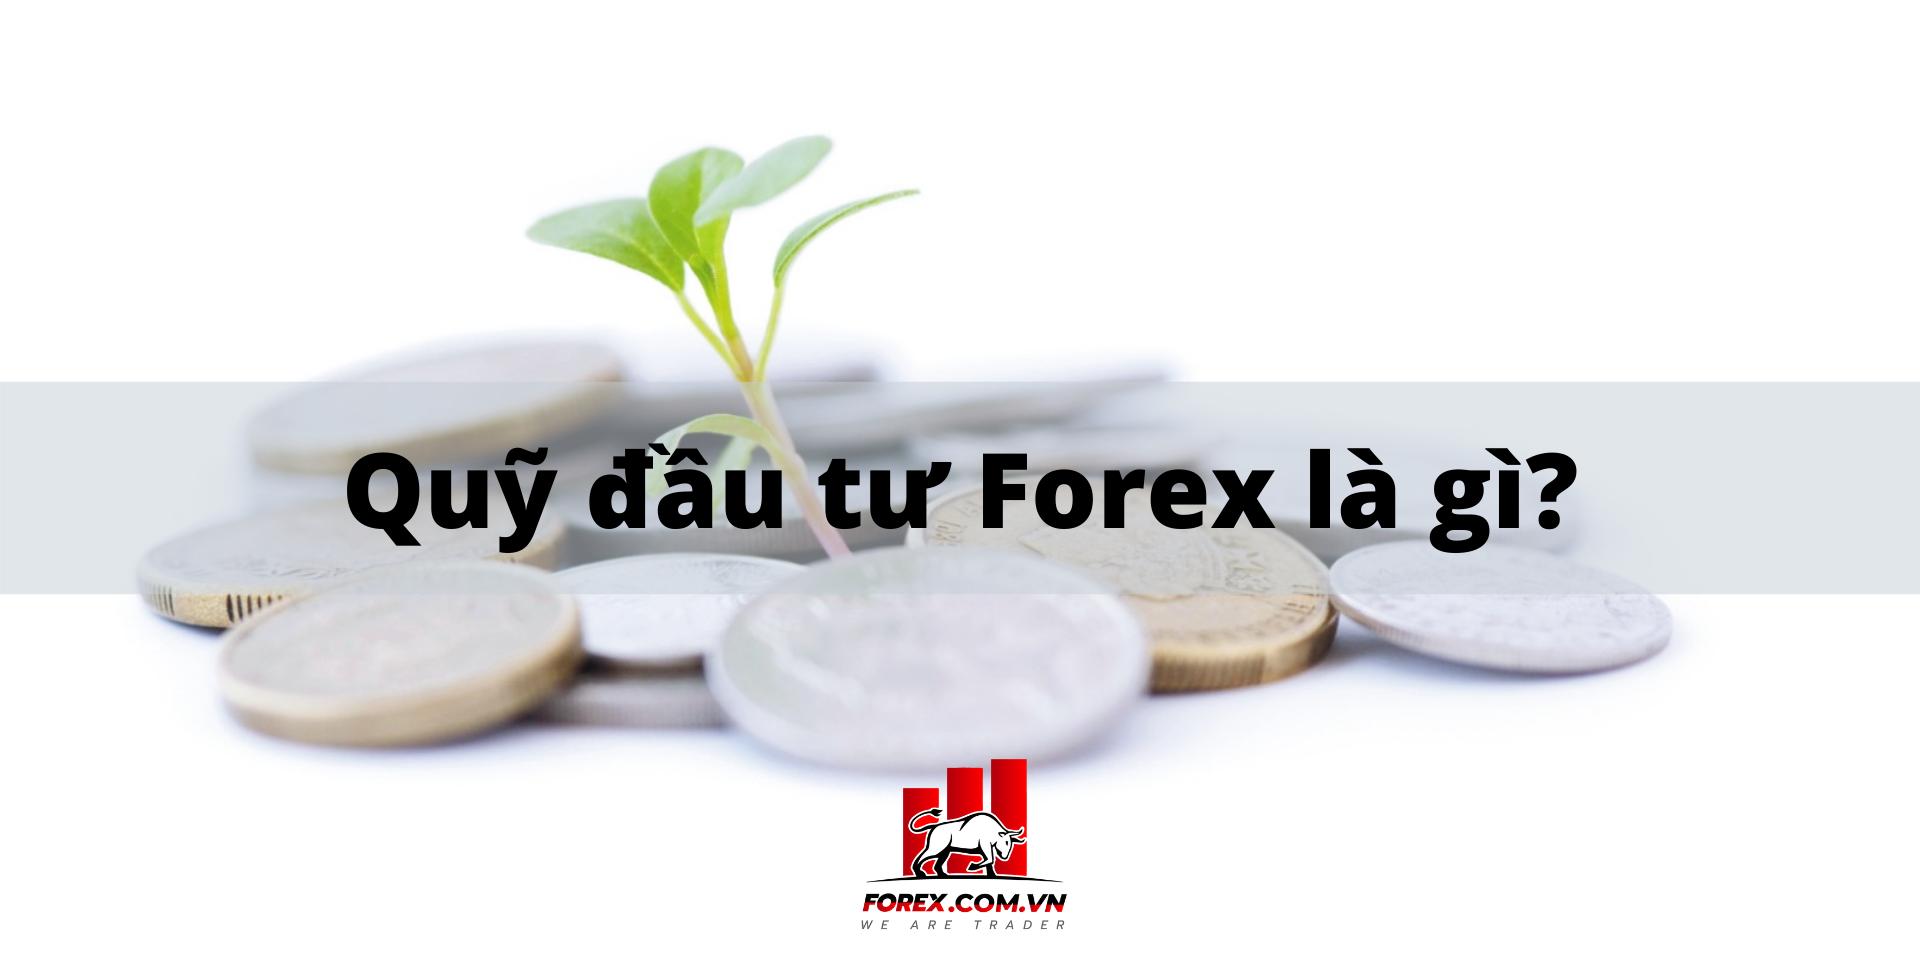 Quỹ đầu tư Forex là gì